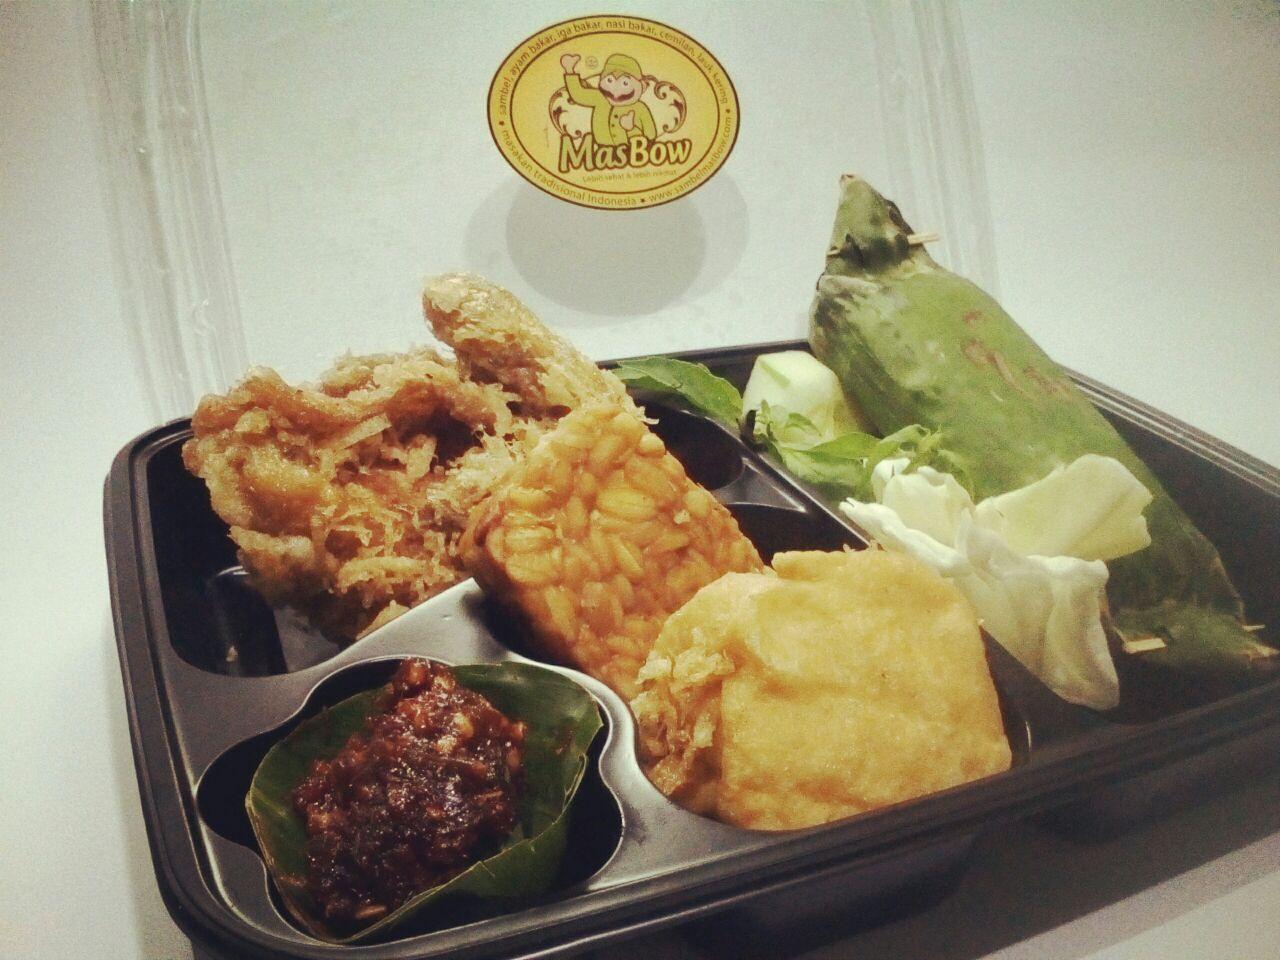 Paket Nasi Bakar Ayam Goreng Mas Bow